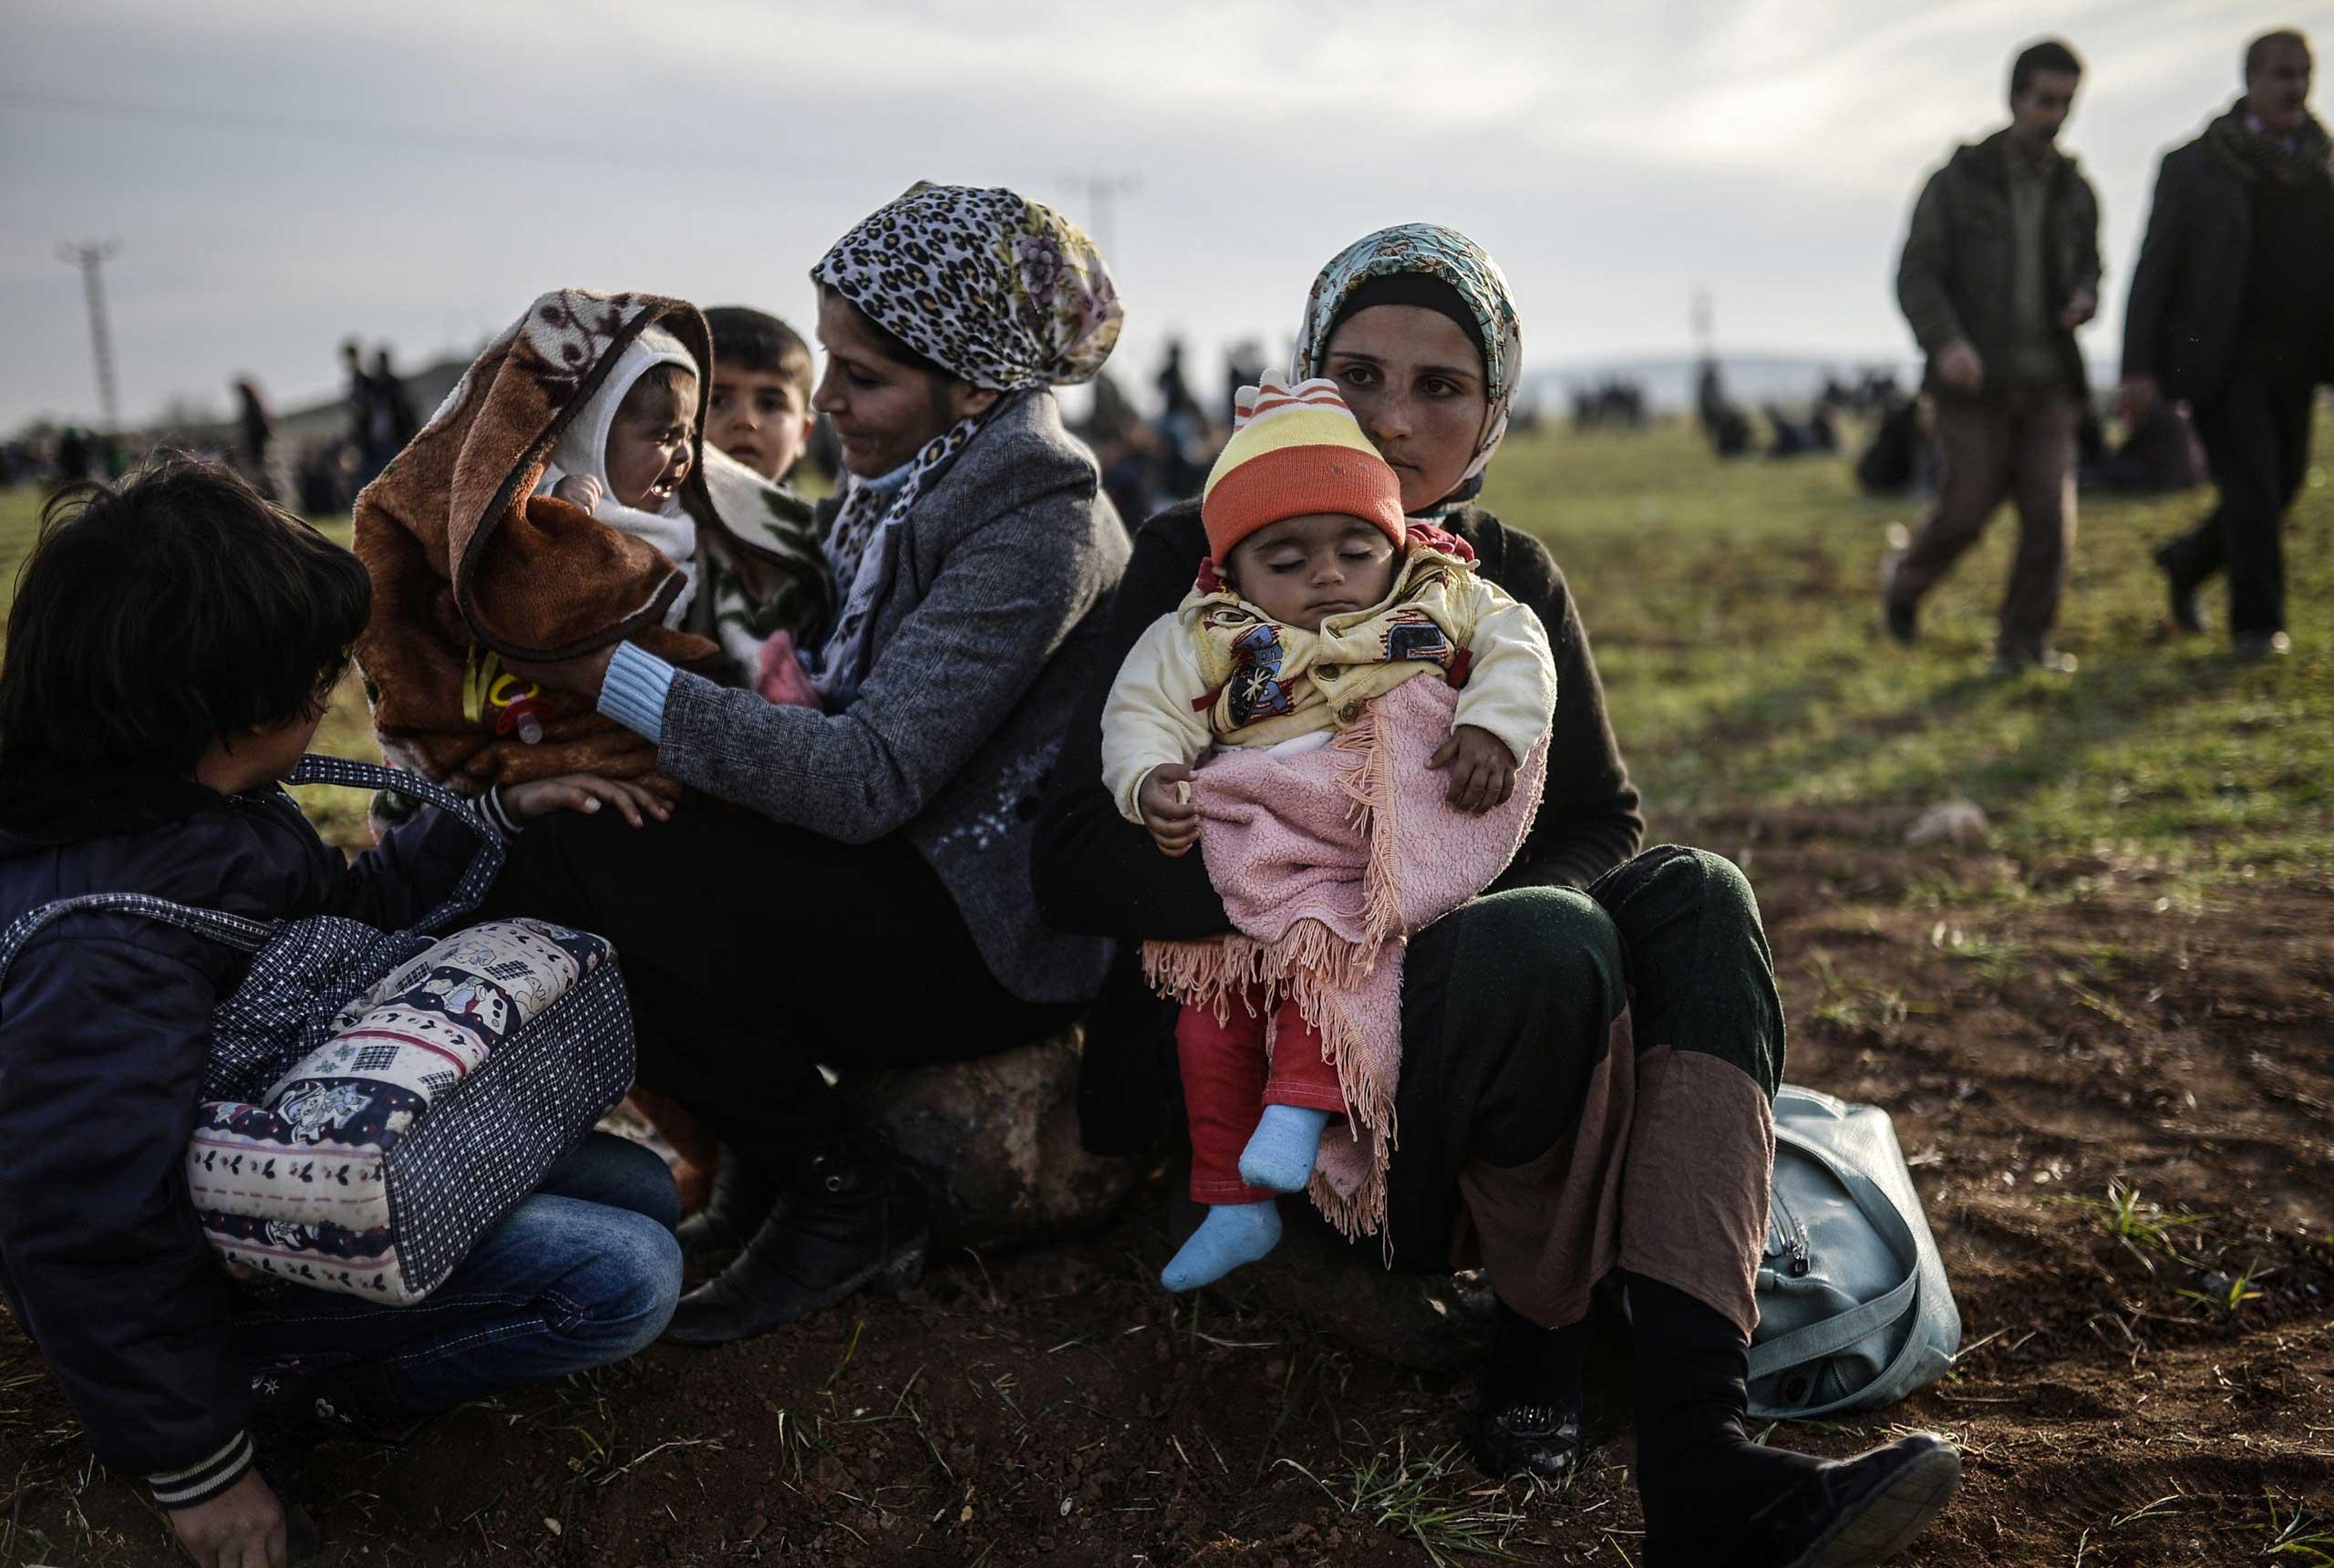 Syrian Kurdish women sit with their children near the Turkish-Syrian border in Suruc, Turkey, on Jan. 27, 2015.